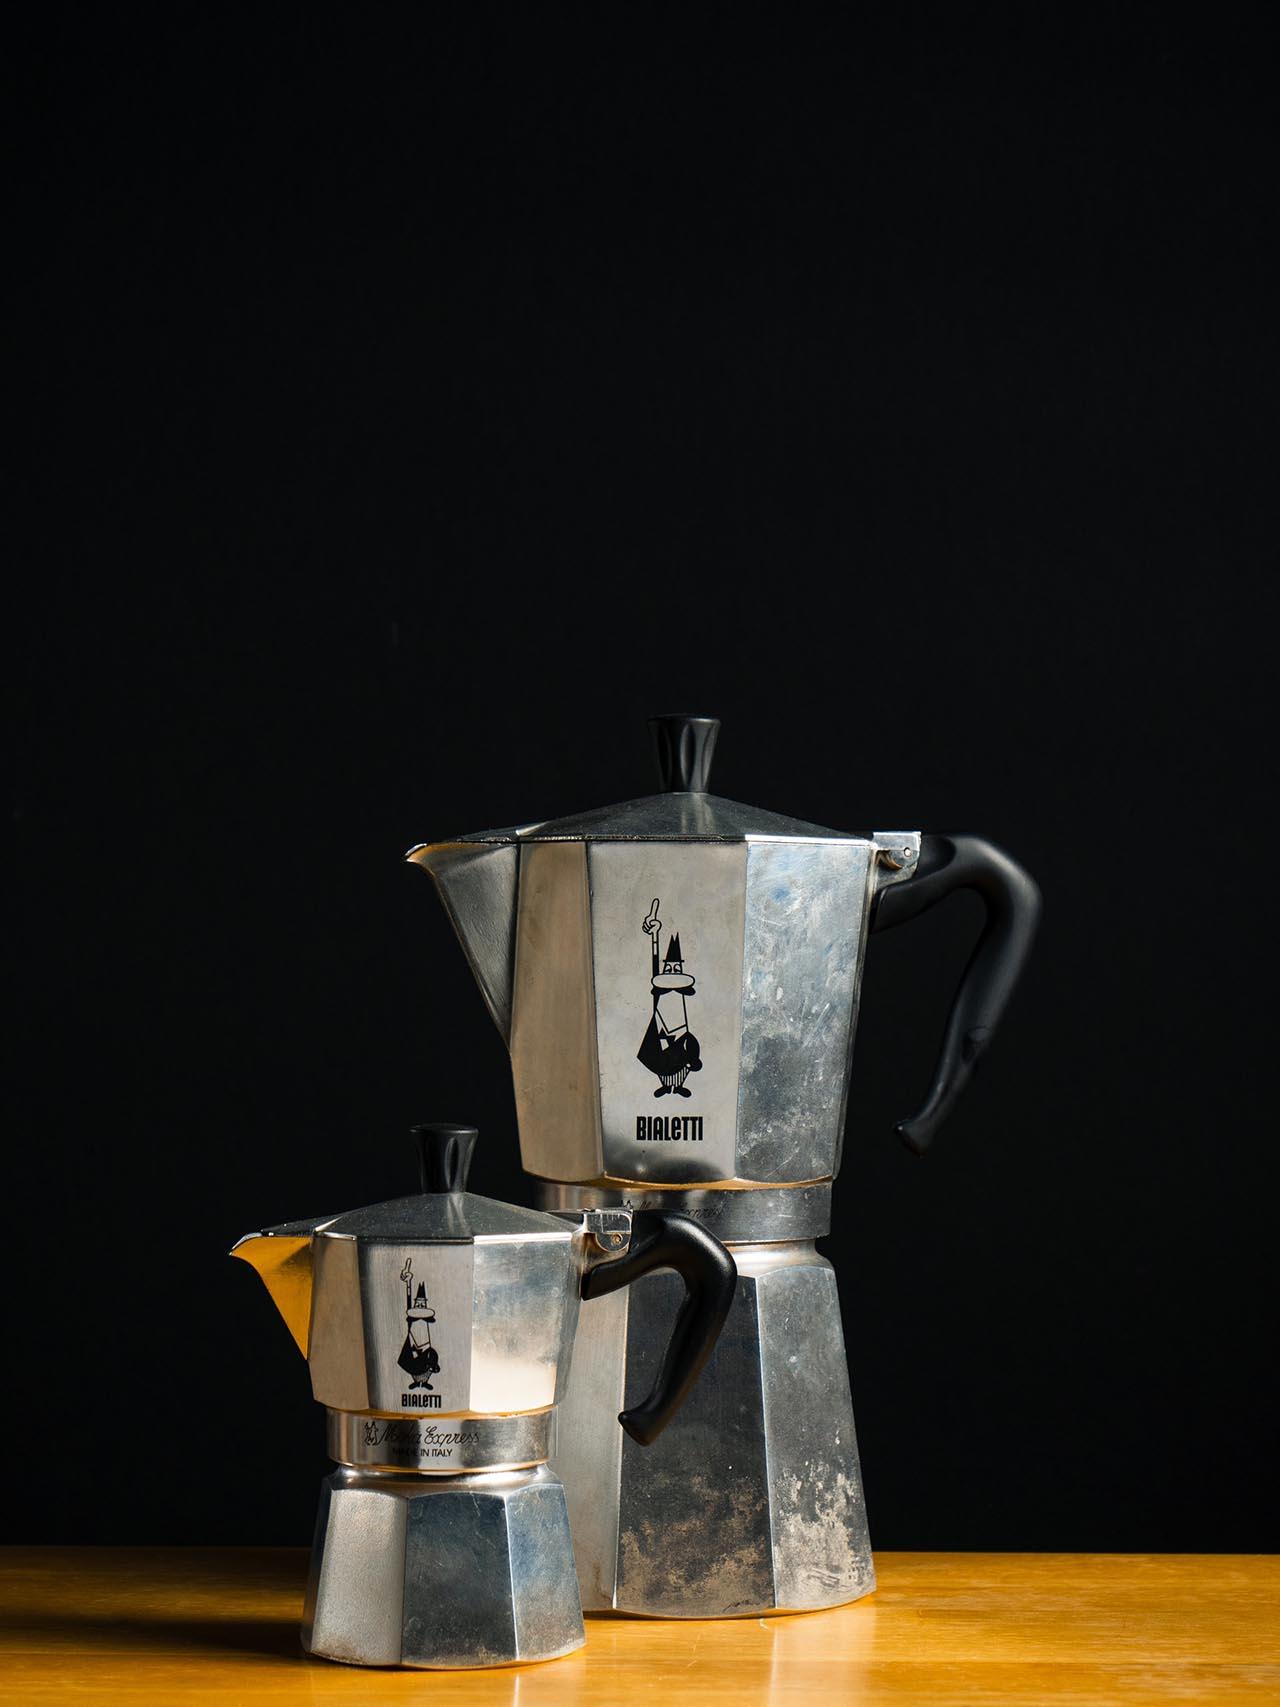 Induktion Espressokocher gibt es in vielen unterschiedlichen Größen. Mit einigen kannst Du genug Espresso für 8 Tassen zubereiten.